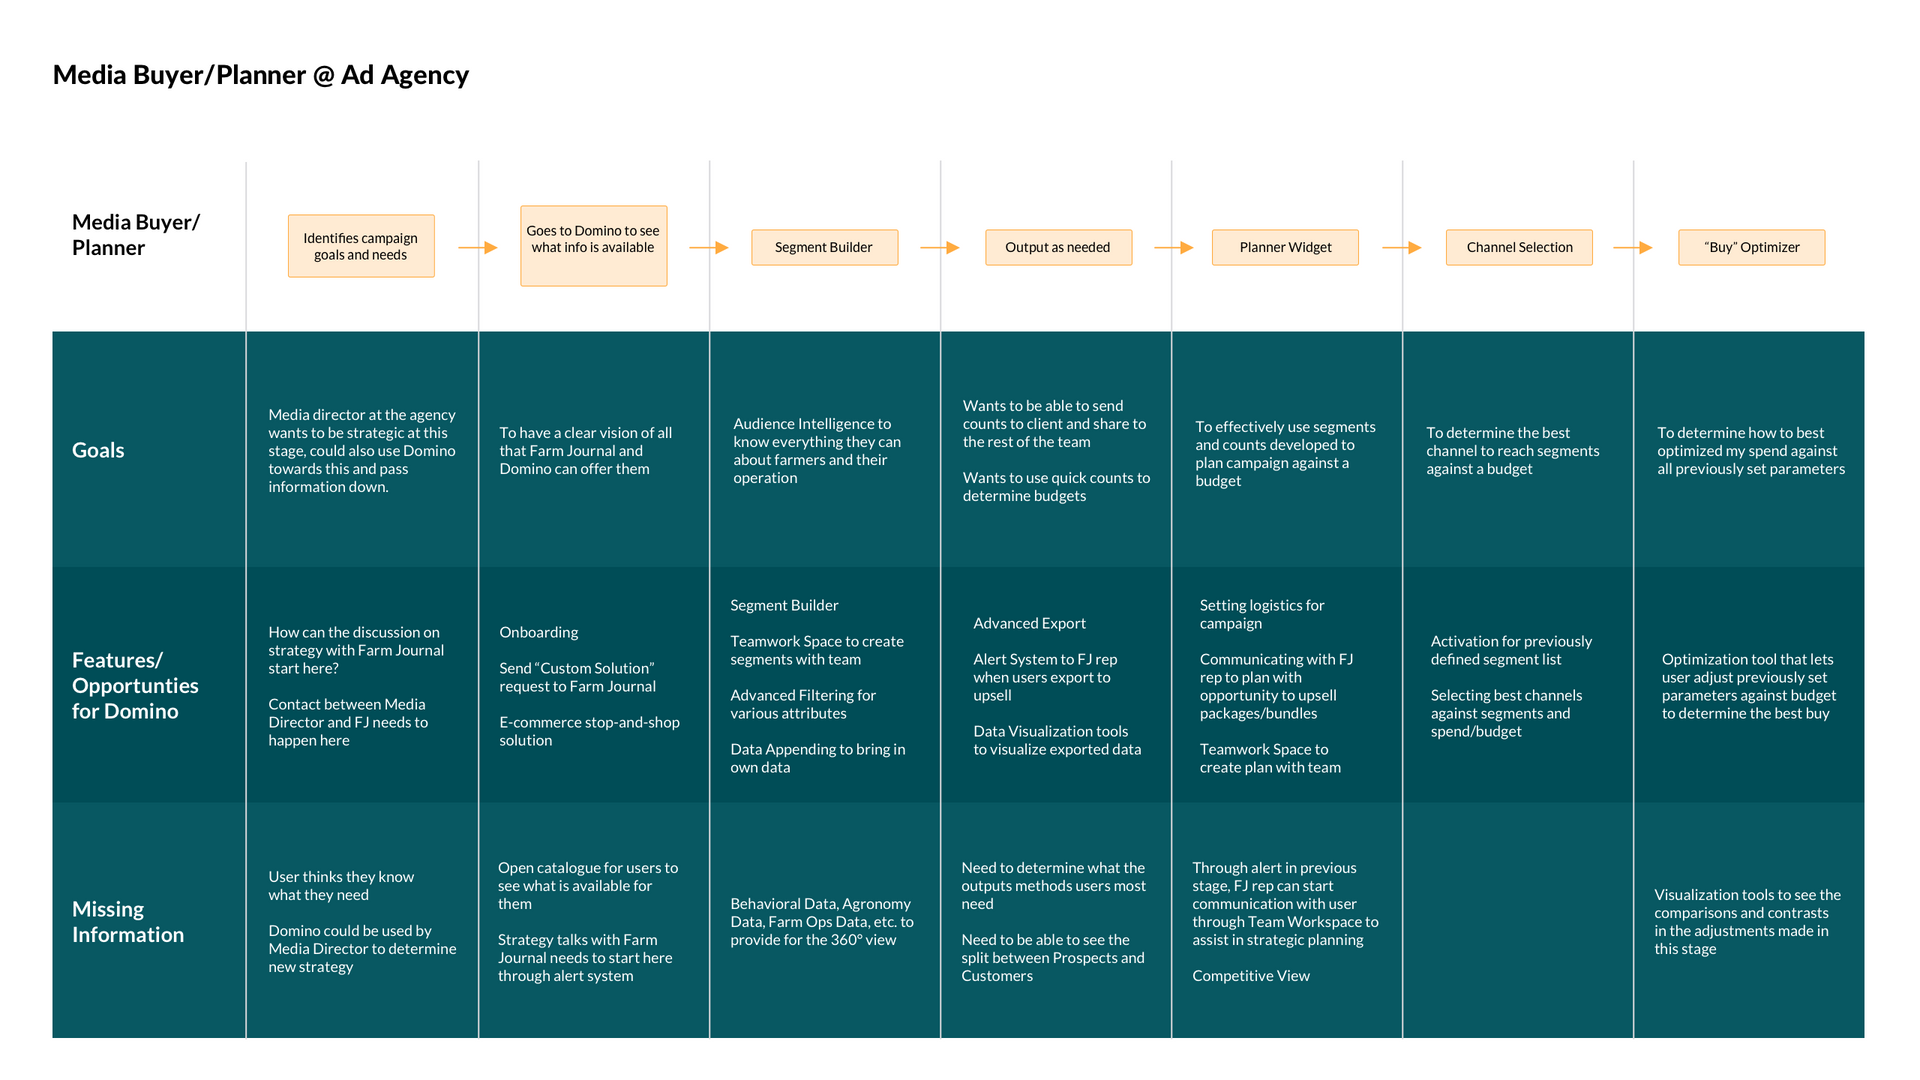 MediaBuyerPlanner@AdAgency Flow Map.png